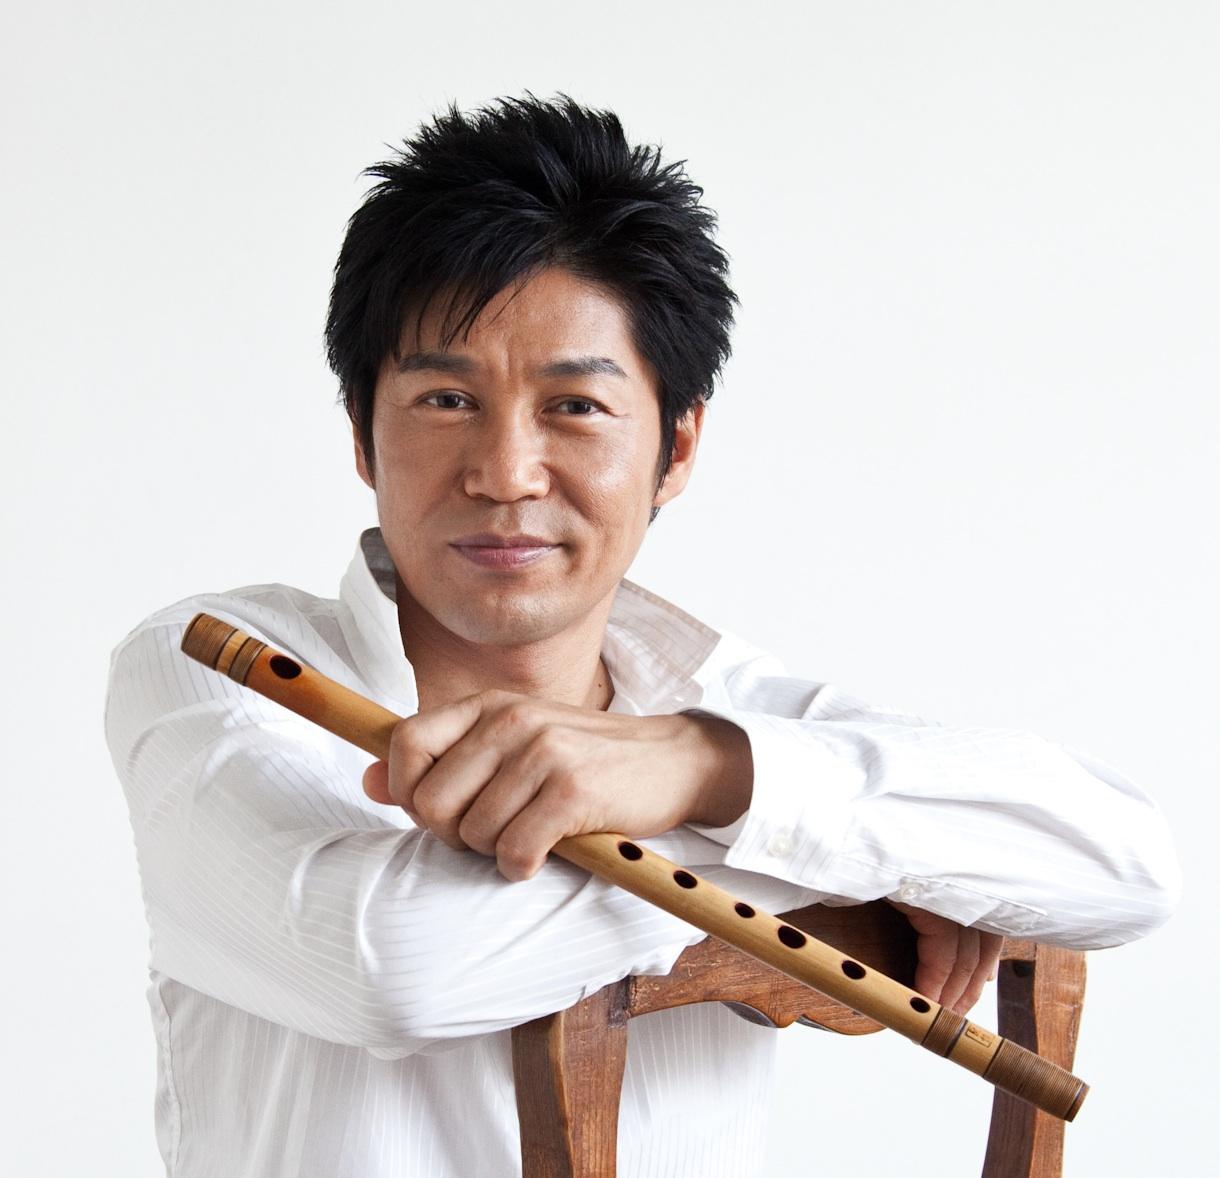 『2/2,3/2 狩野泰一の篠笛プライベートレッスン in 東京』1月は休講です